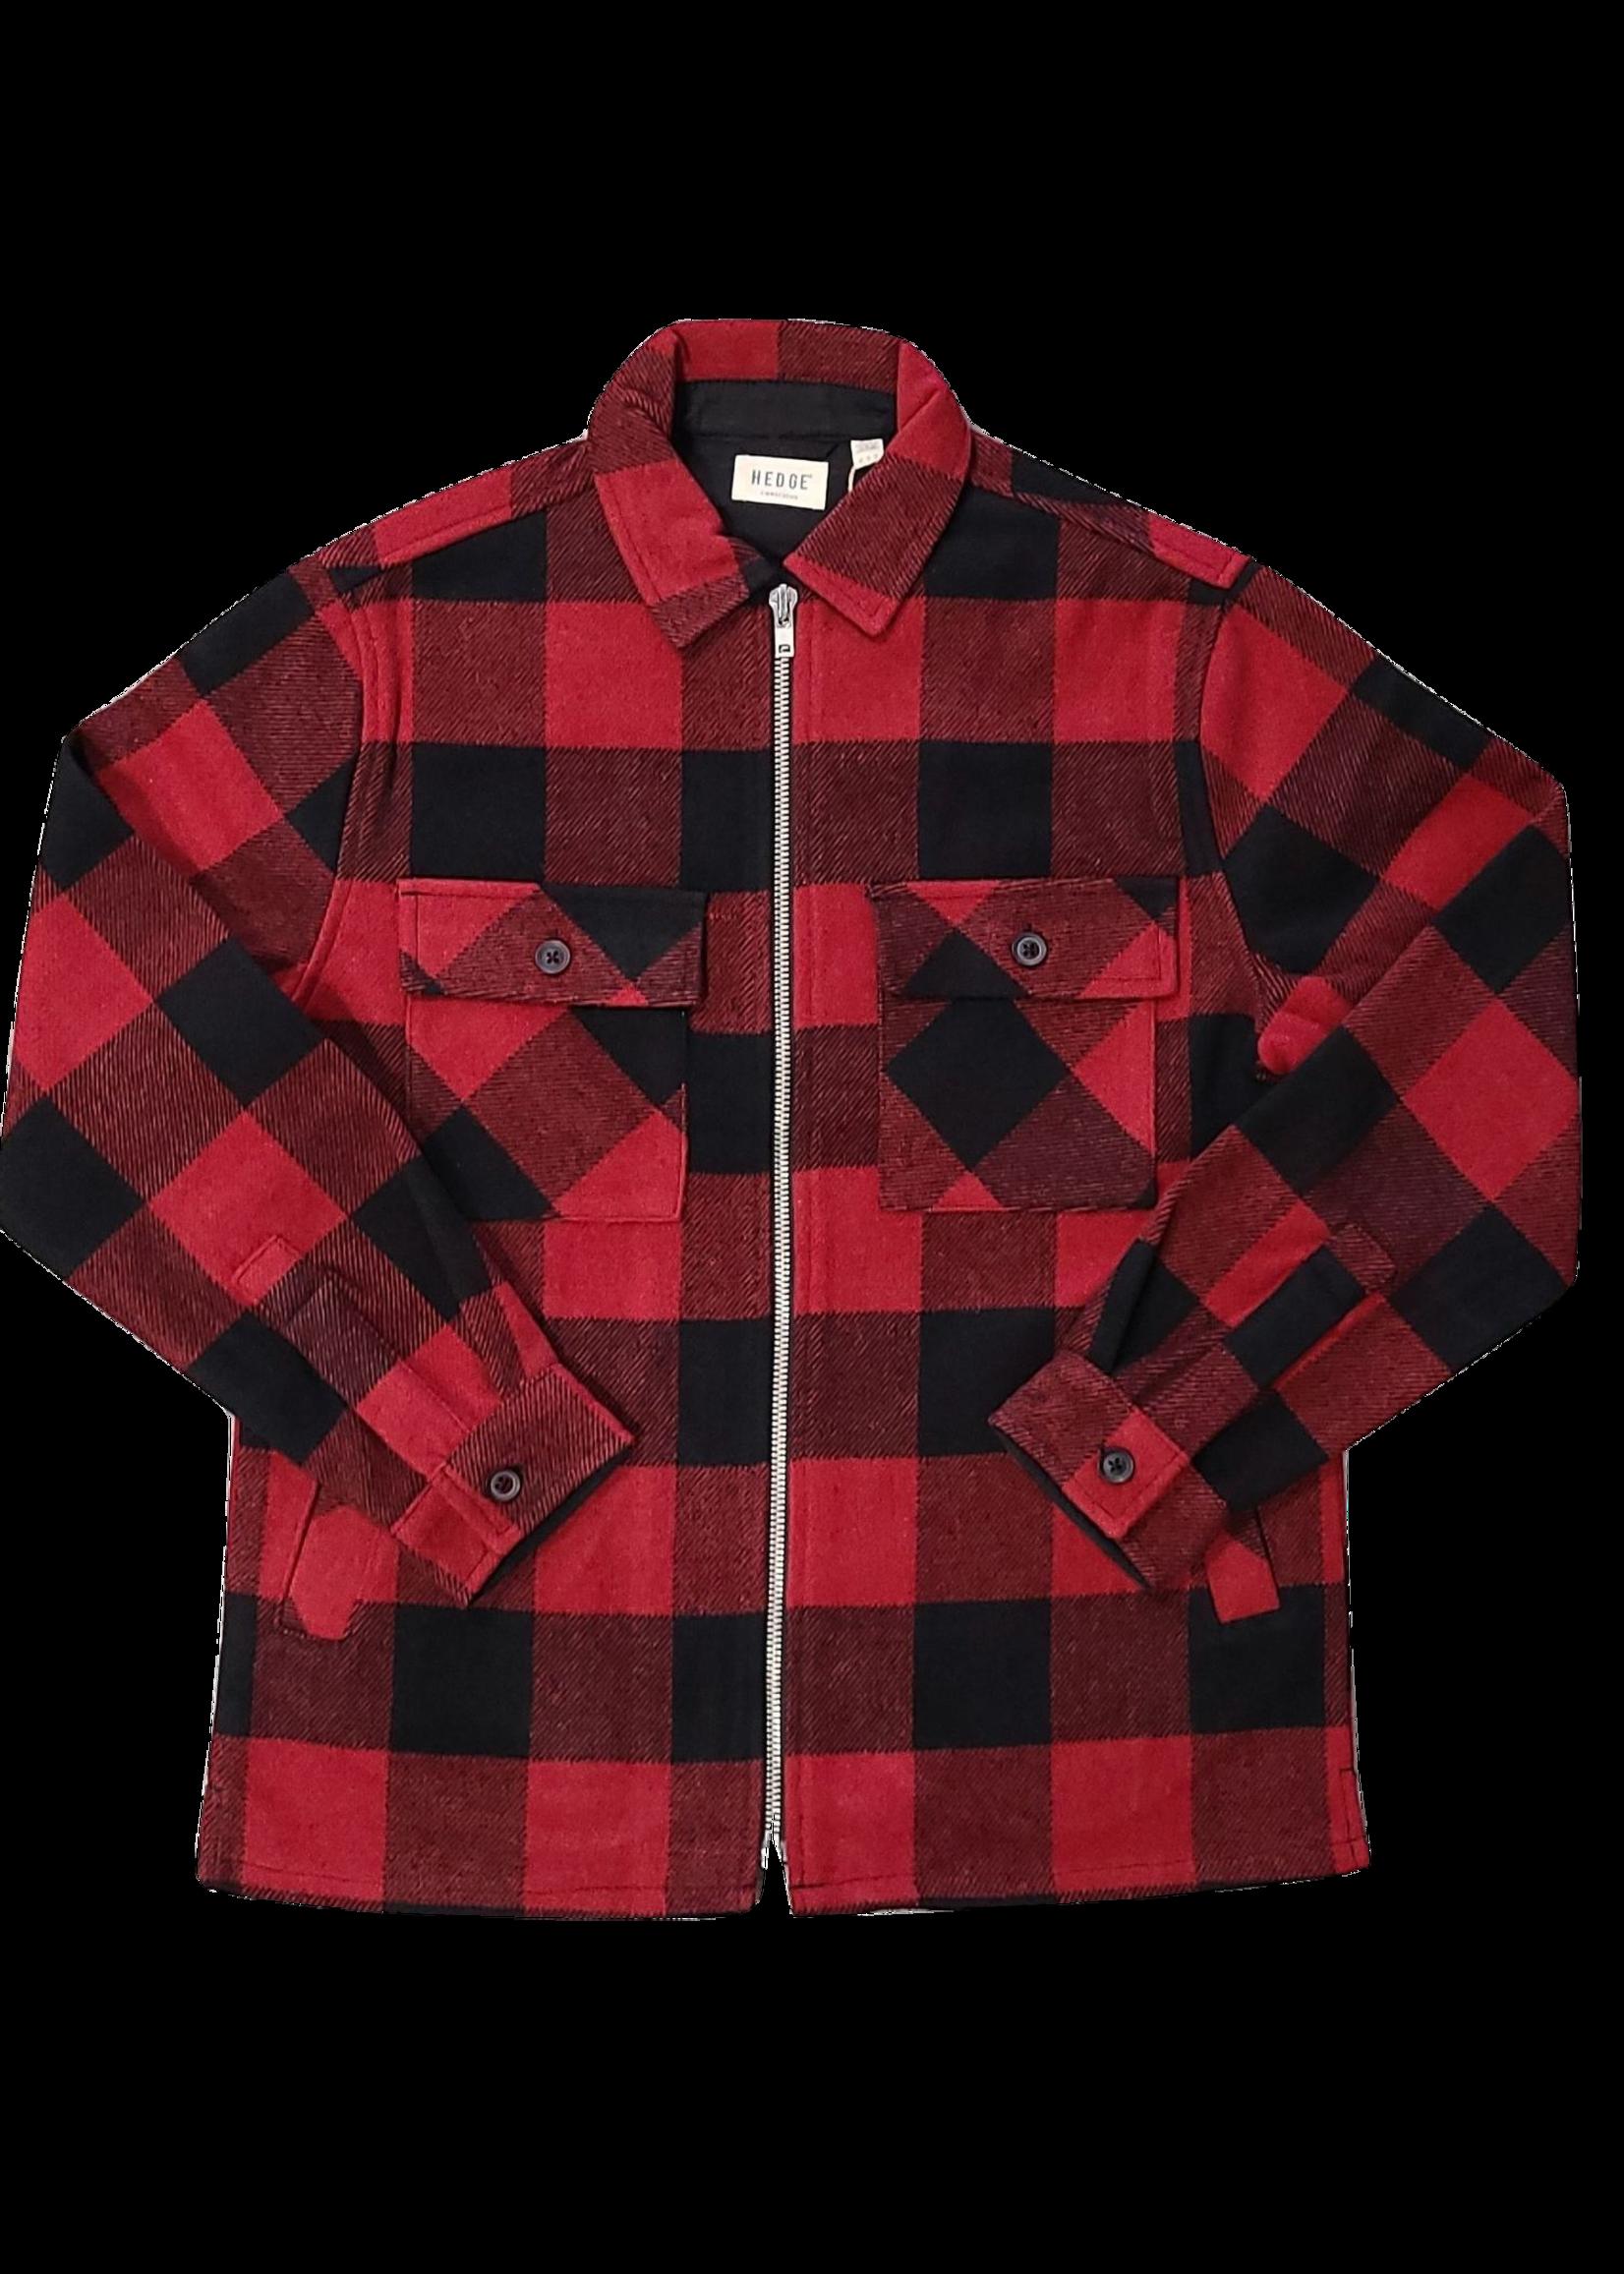 Hedge Hedge Woven Plaid Jacket 73MW034B